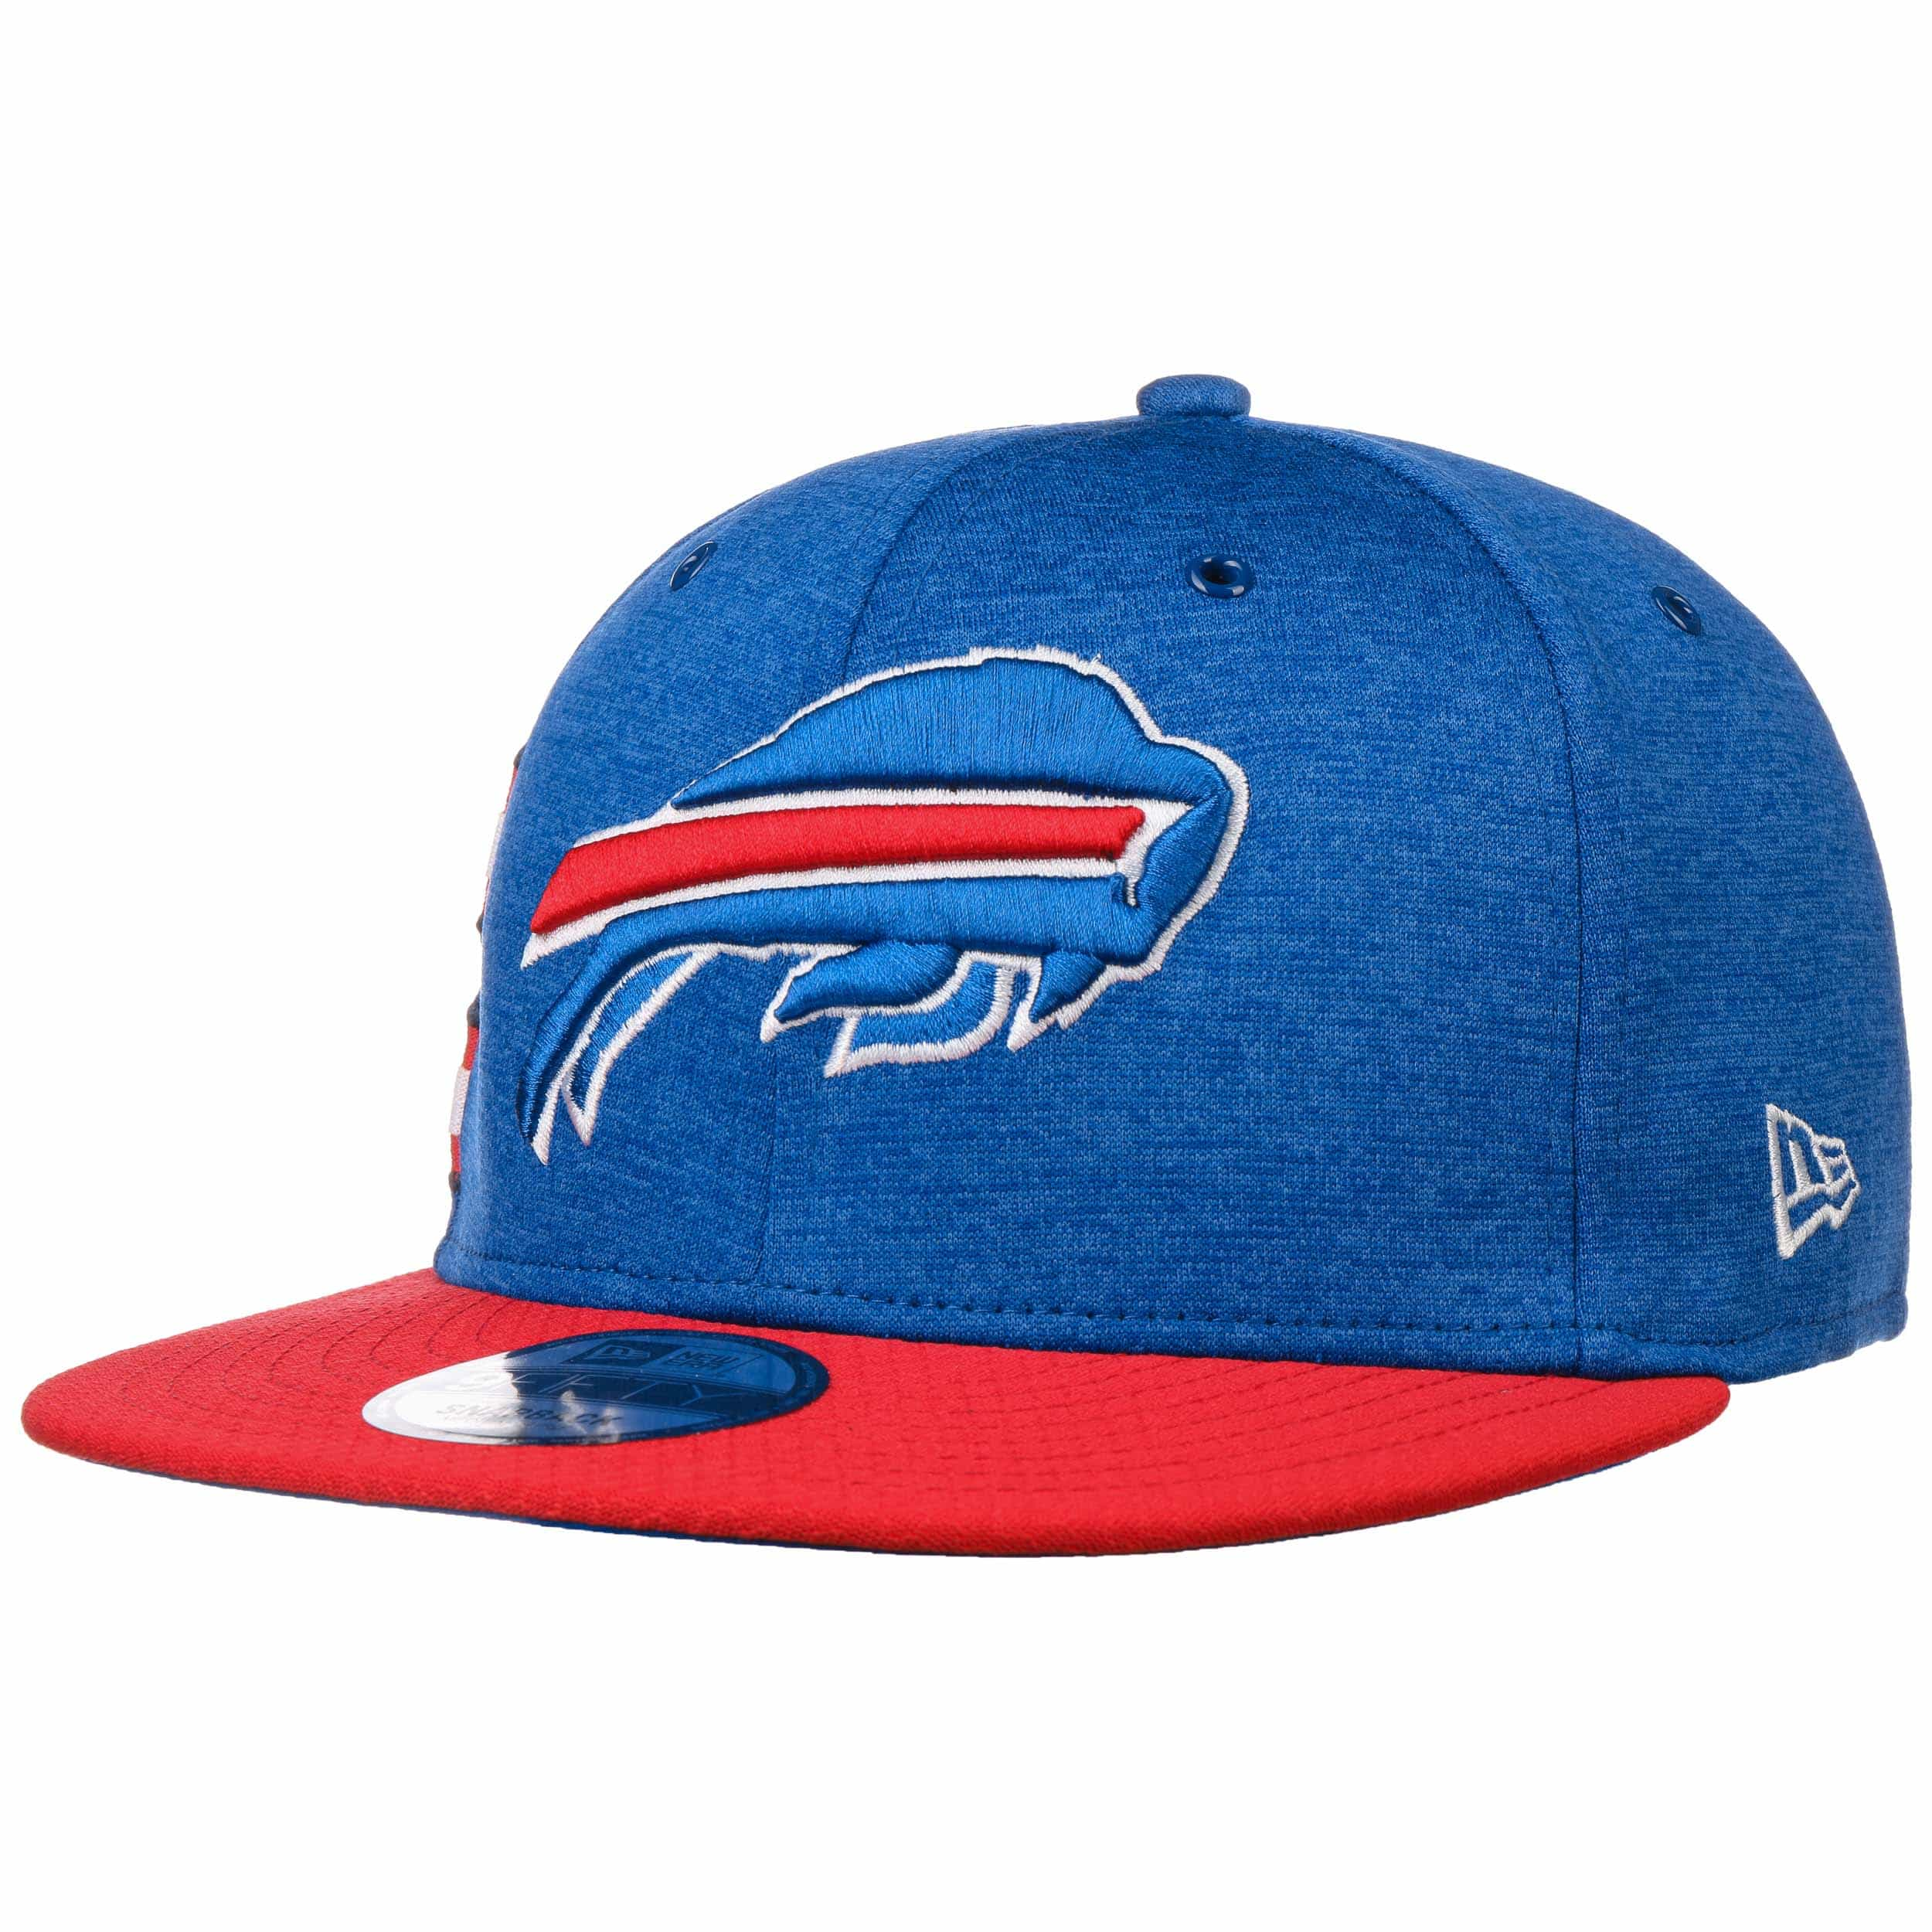 f365f4d757c 9Fifty On-Field 18 Bills Cap. by New Era